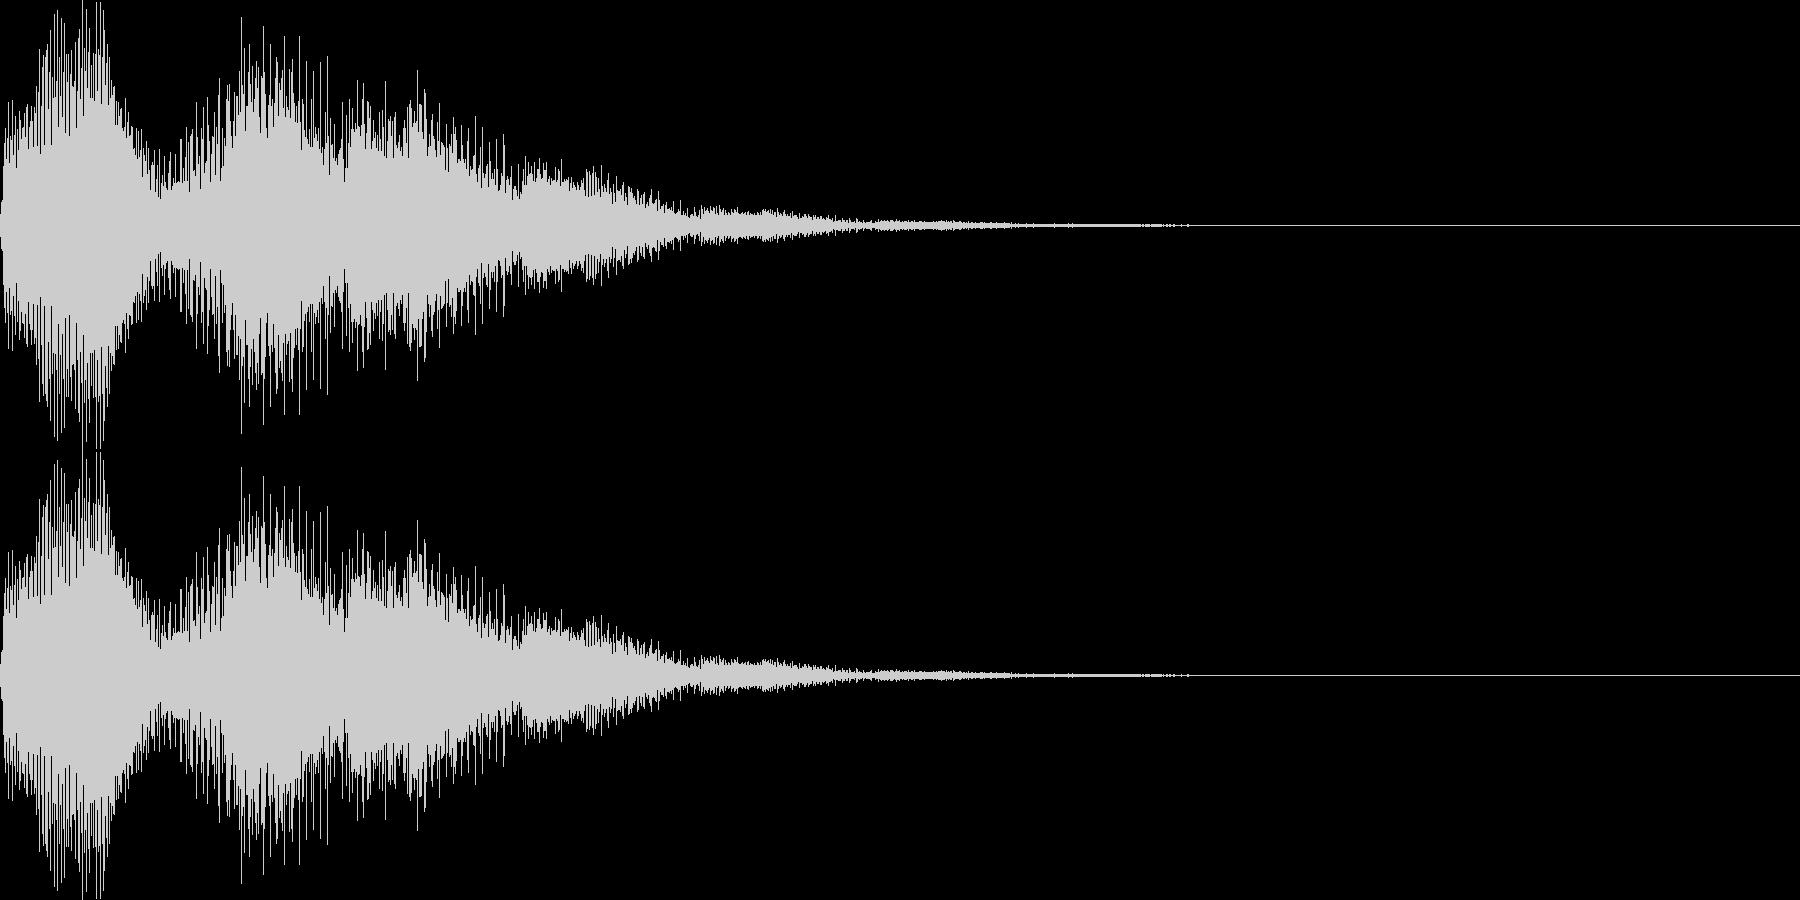 ピロロン(キャンセル、ミス、残念)の未再生の波形